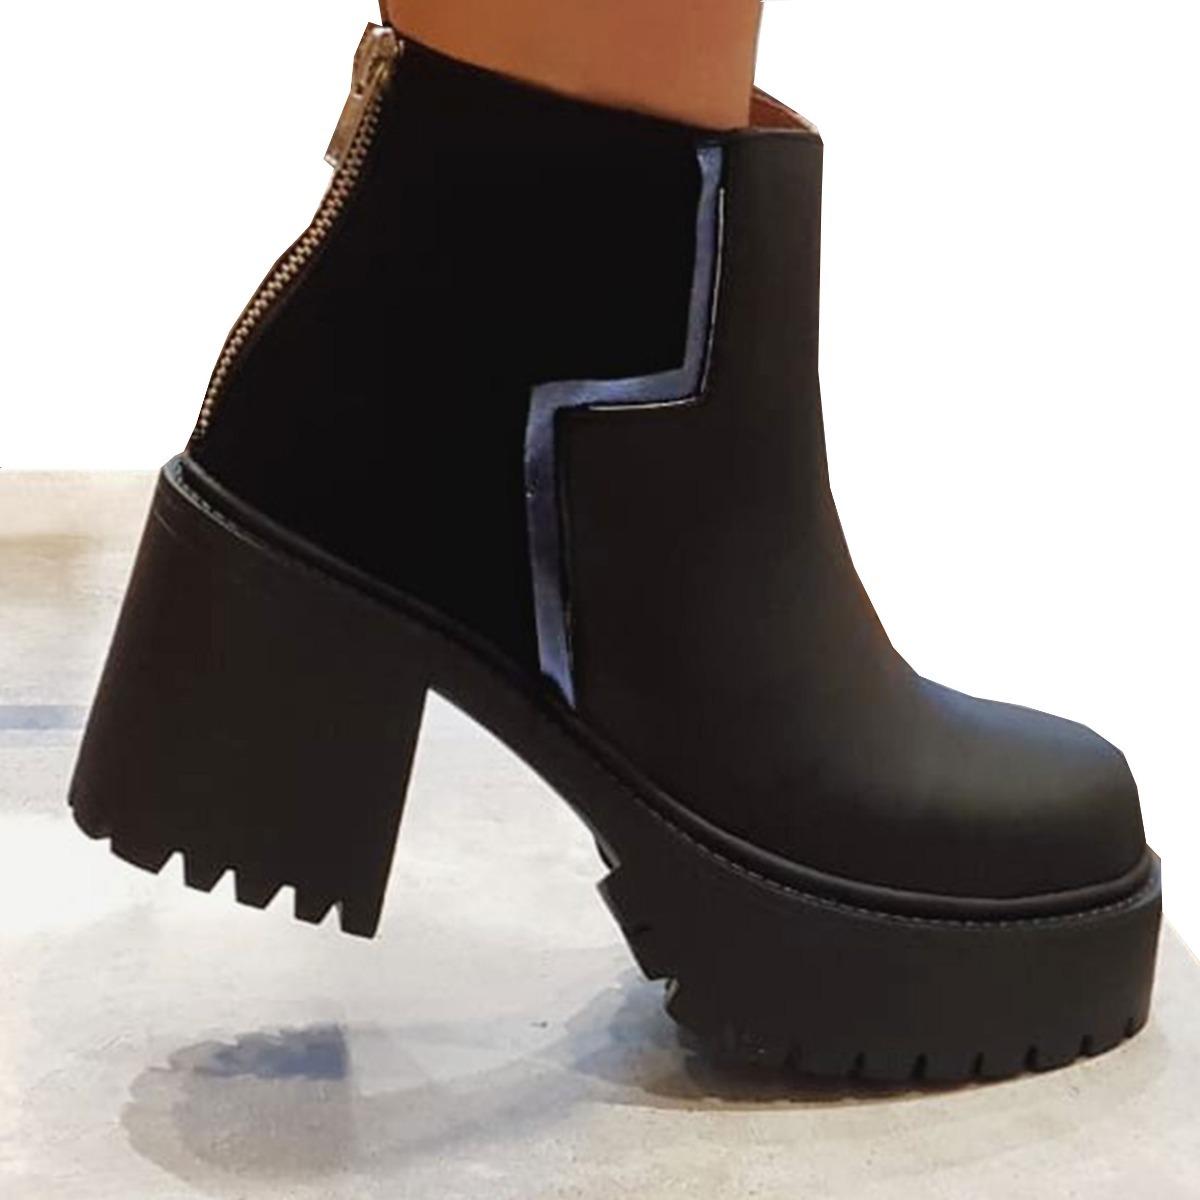 3828a355 Botas Botineta Zapatos Con Taco Bajo Mujer Moda 2018 - $ 2.899,00 en ...